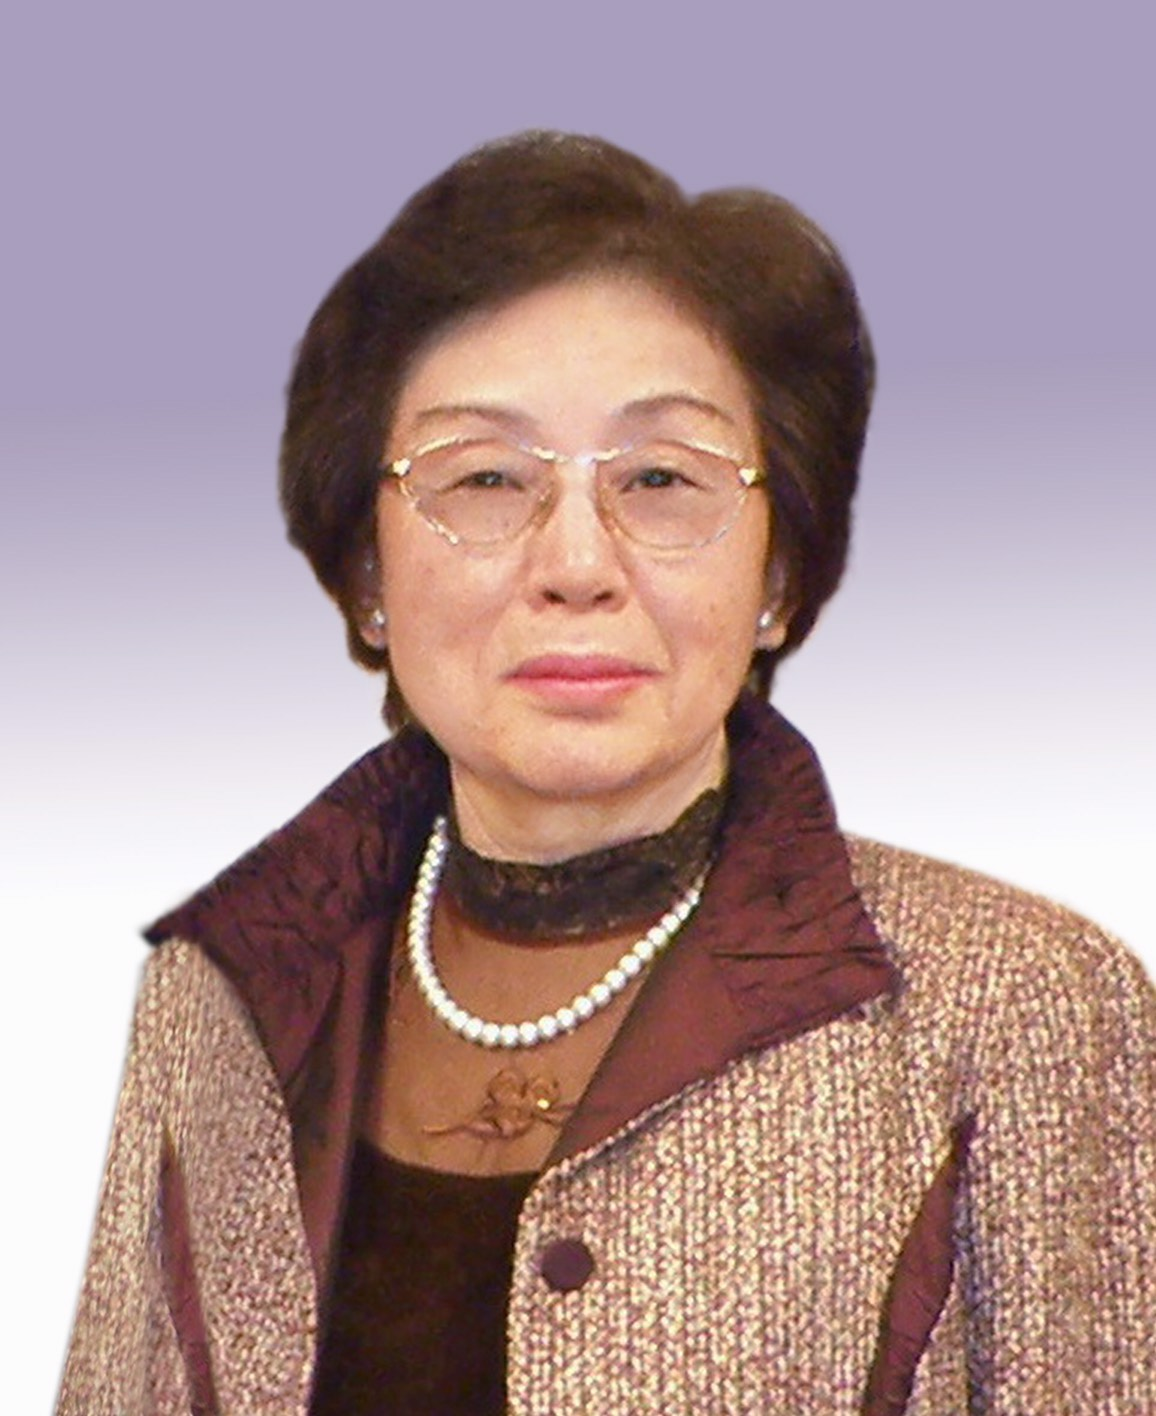 Chizuko Abe Picture new